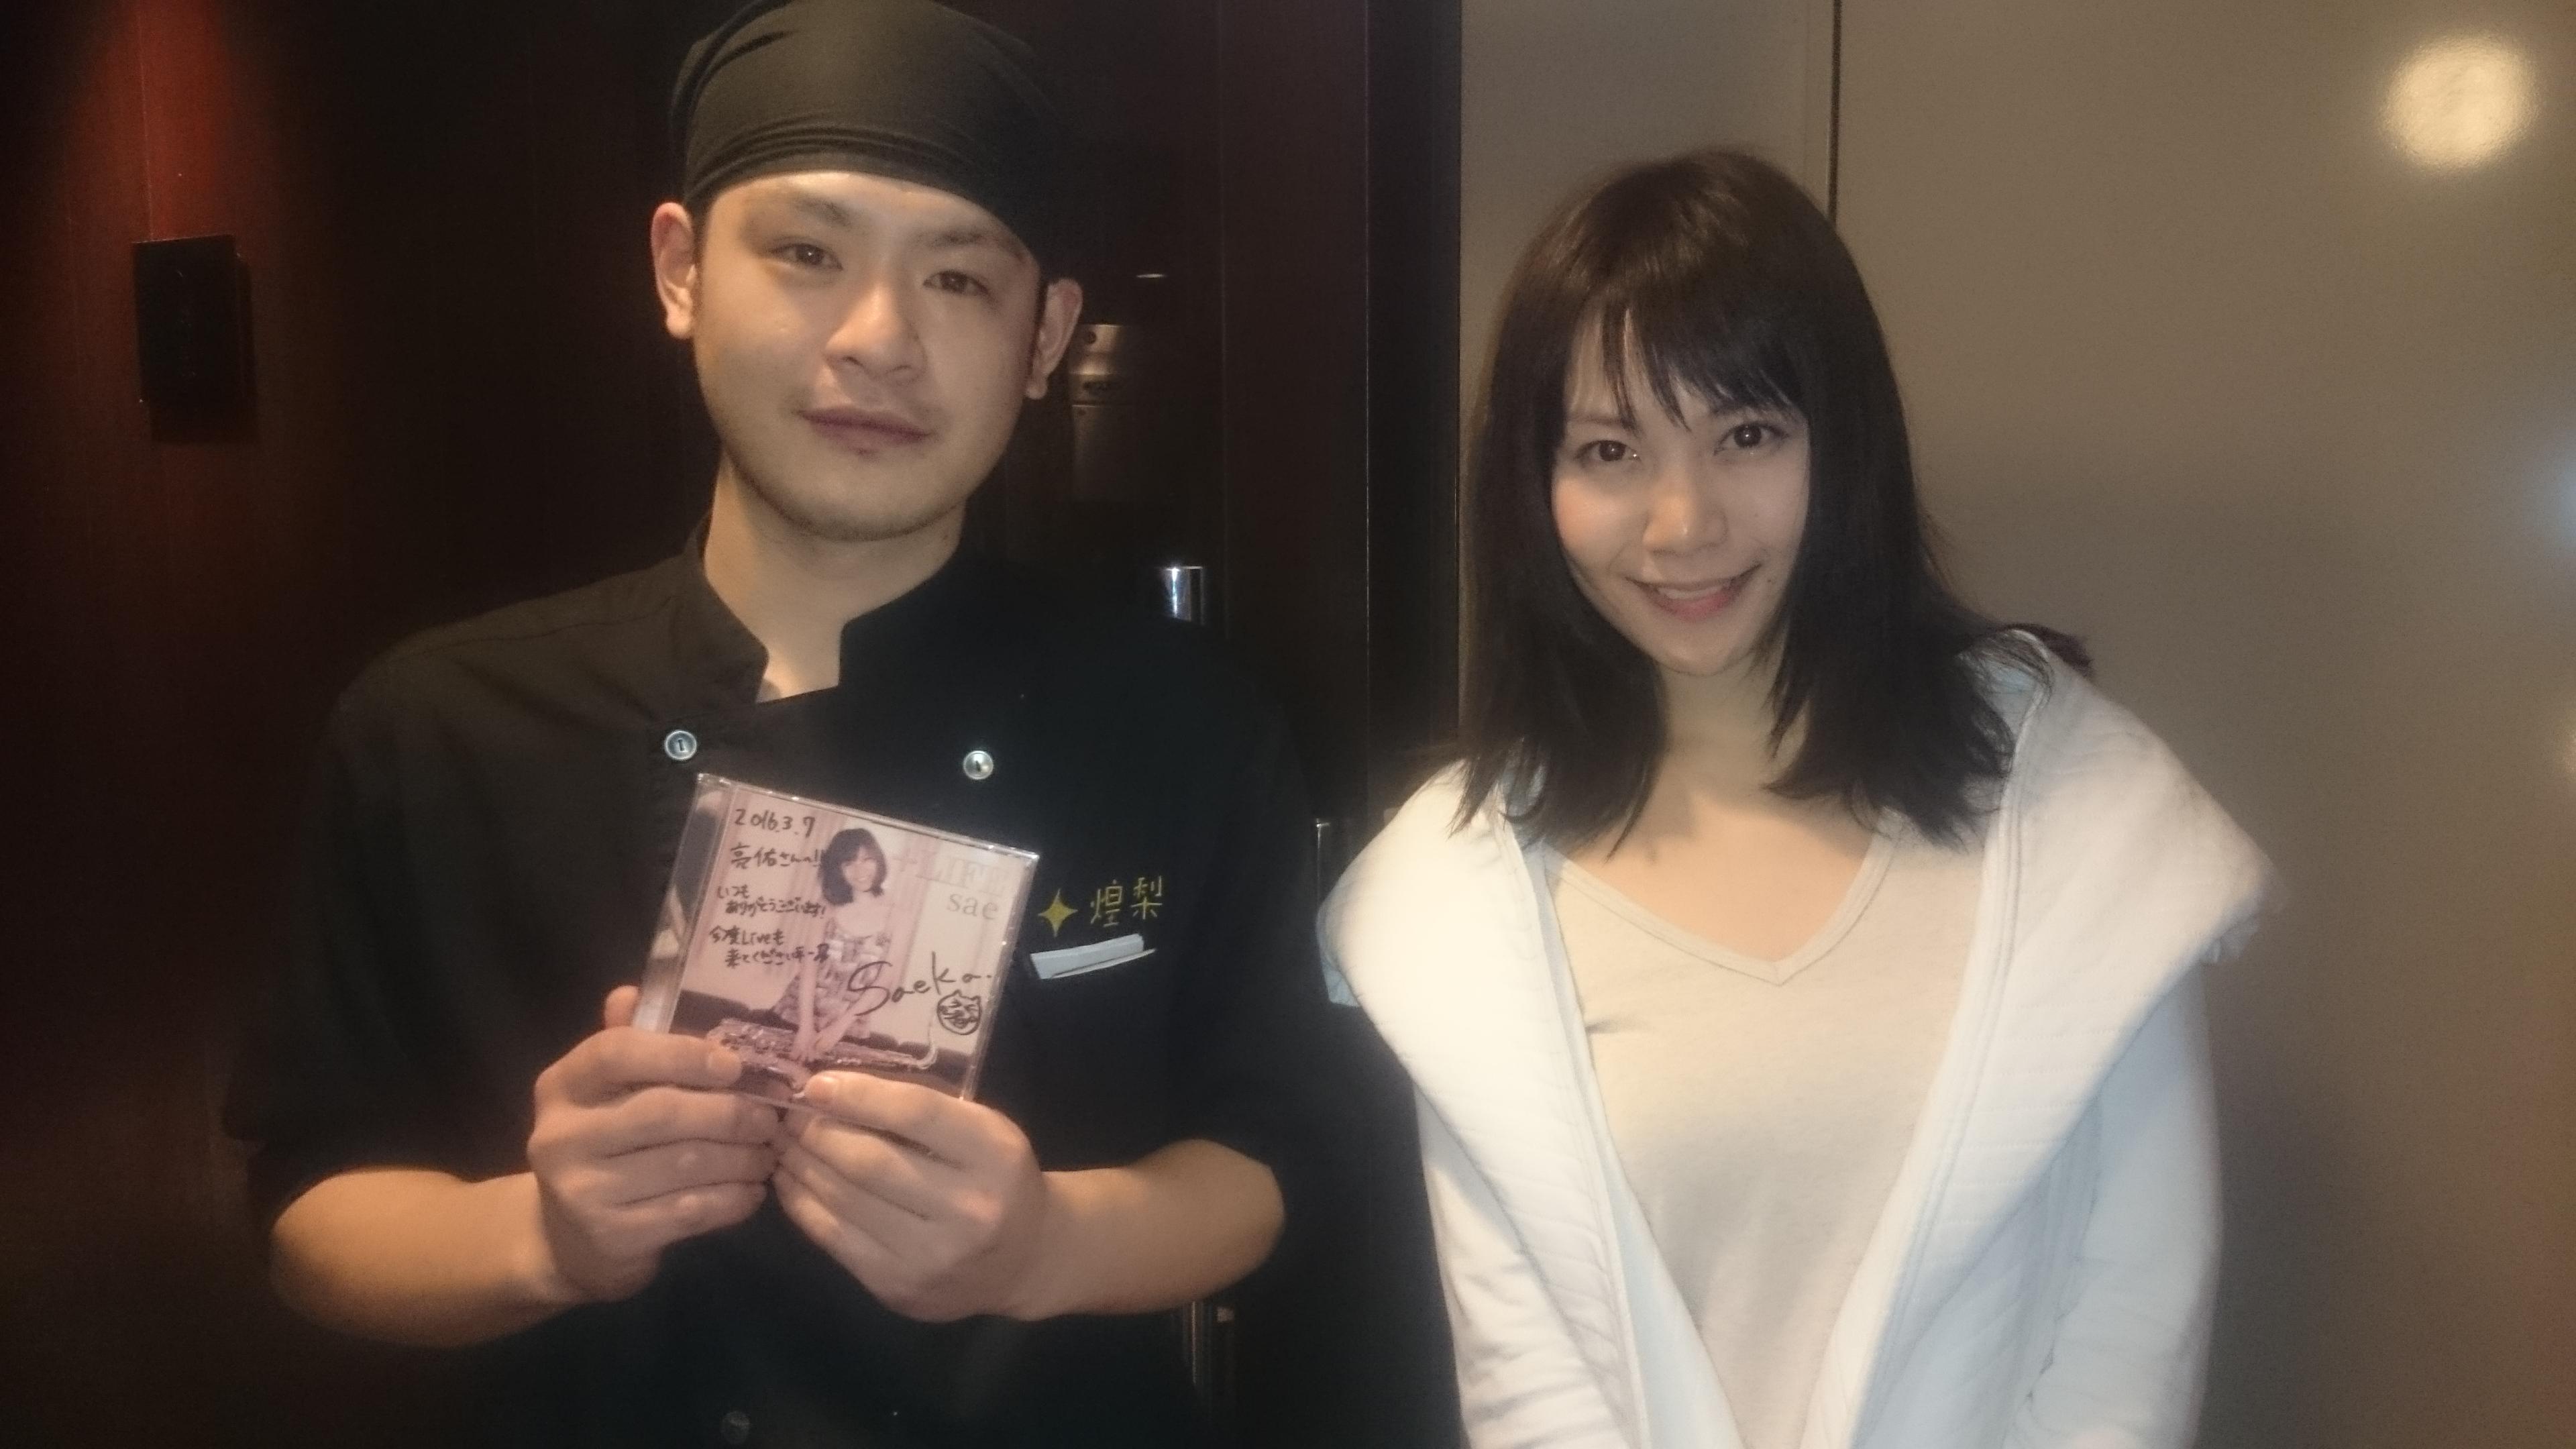 才恵加さんと、奈良君